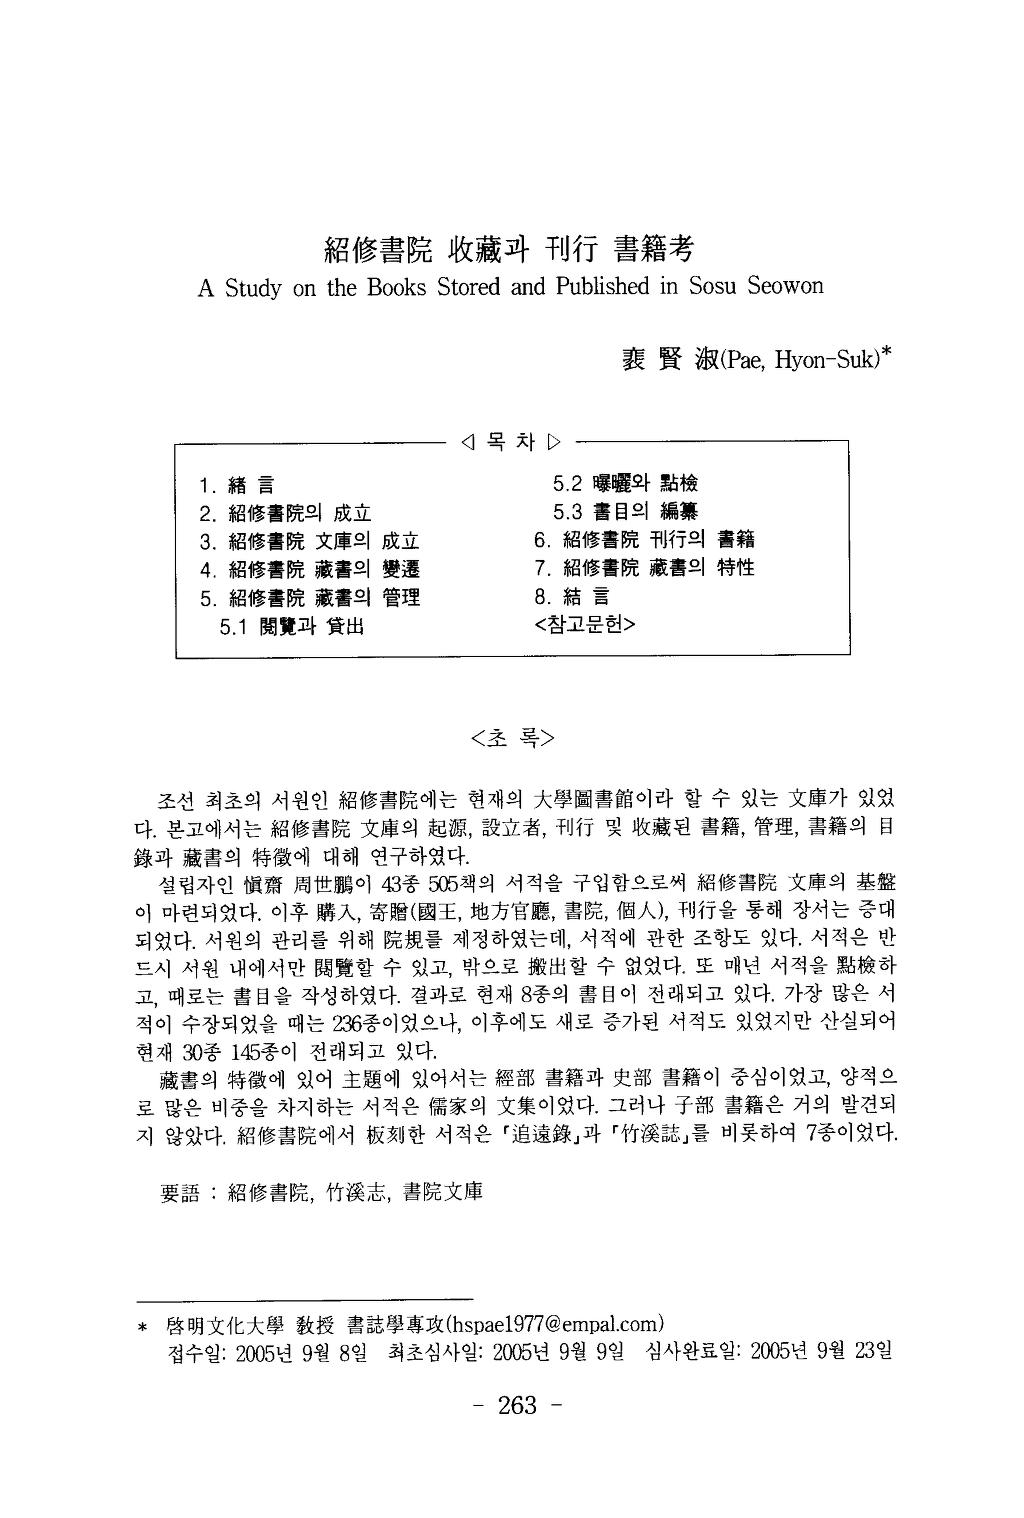 소수서원(紹修書院)_수장(收藏)과_간행_서적고(書籍考)_페이지_01.png